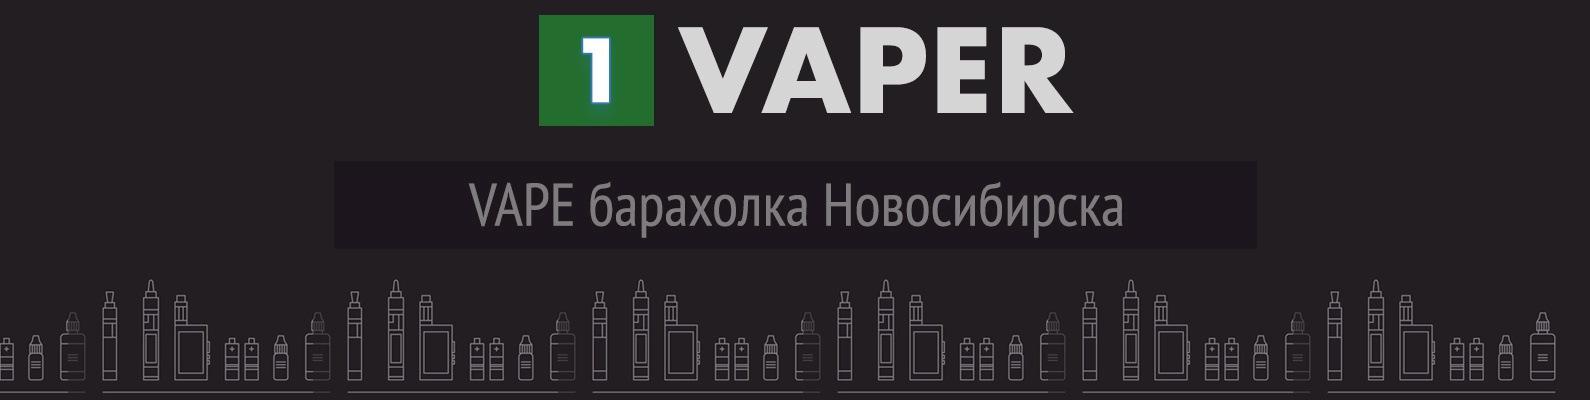 Где можно купить сигареты в новосибирске купить сигареты давыдов оптом в москве